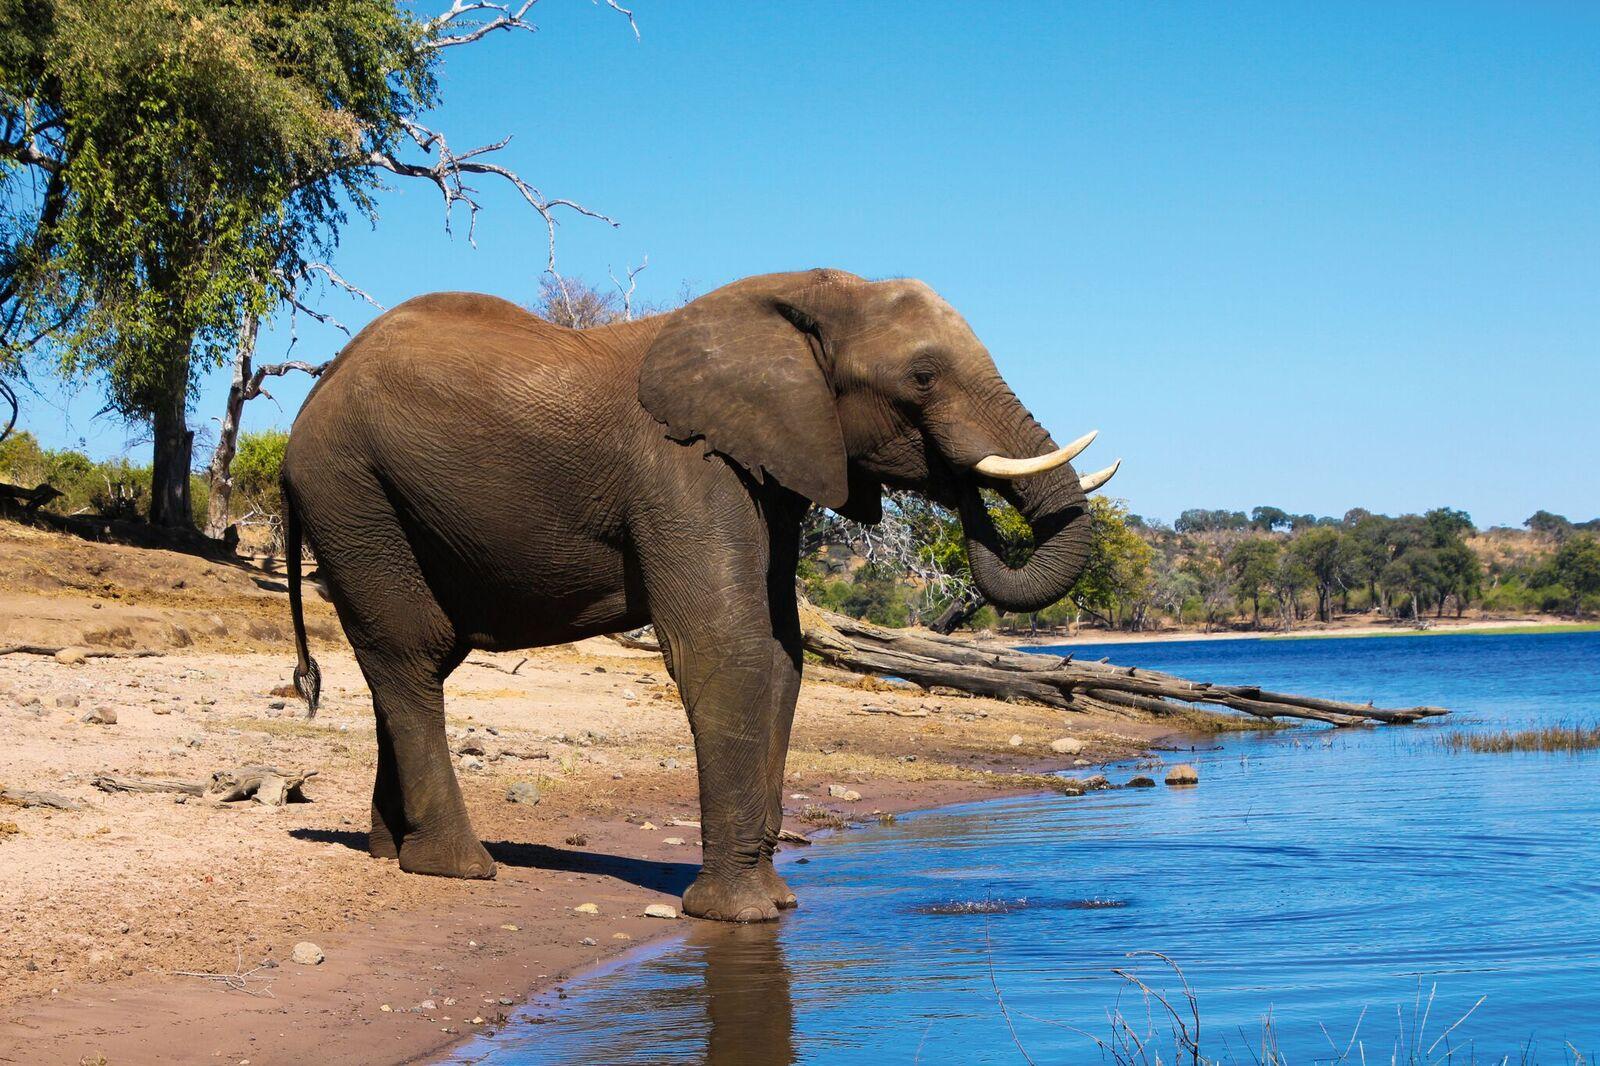 Zugreise mit Rovos Rail in Afrika. Safaribild von einem grossen Elefanten, der an einem Wasserloch trinkt.